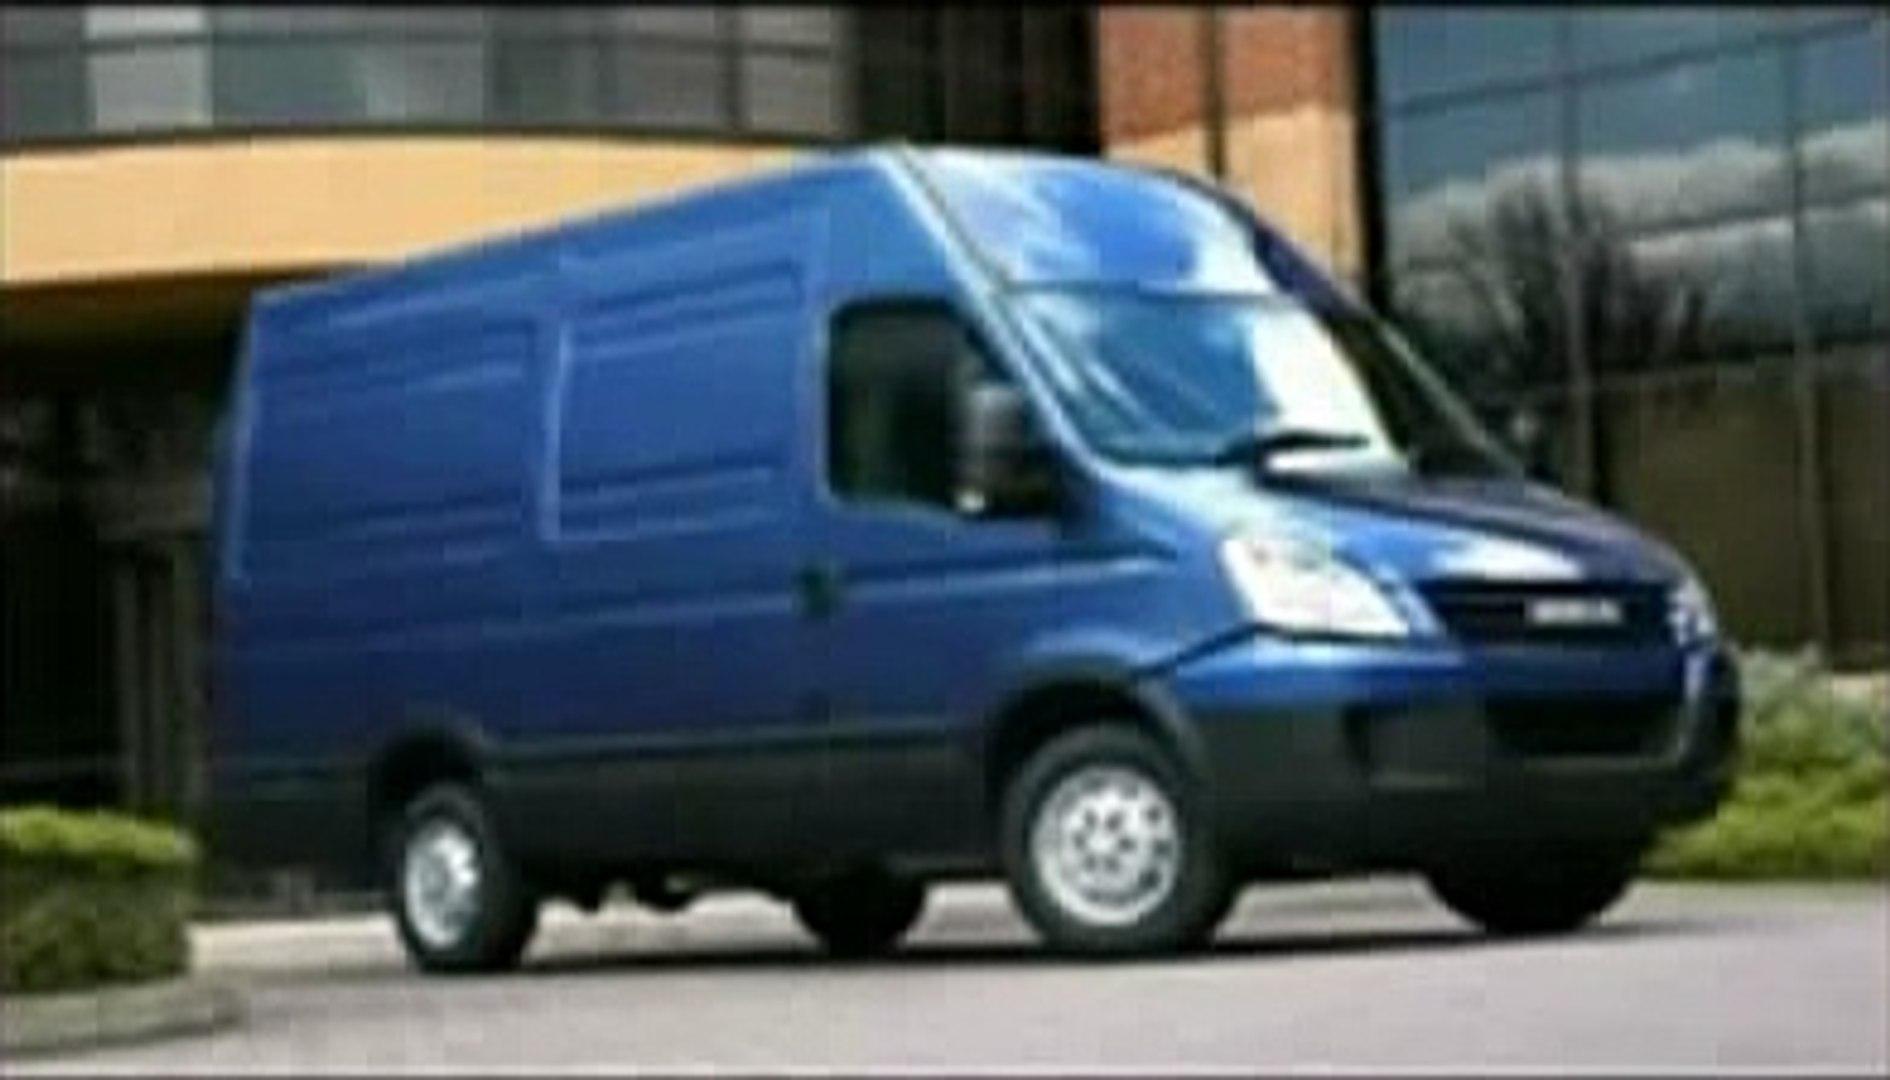 Iveco Daily 4 2006-2010 Service Repair Workshop Manual DOWNLOAD (2006 2007 2008 2009 